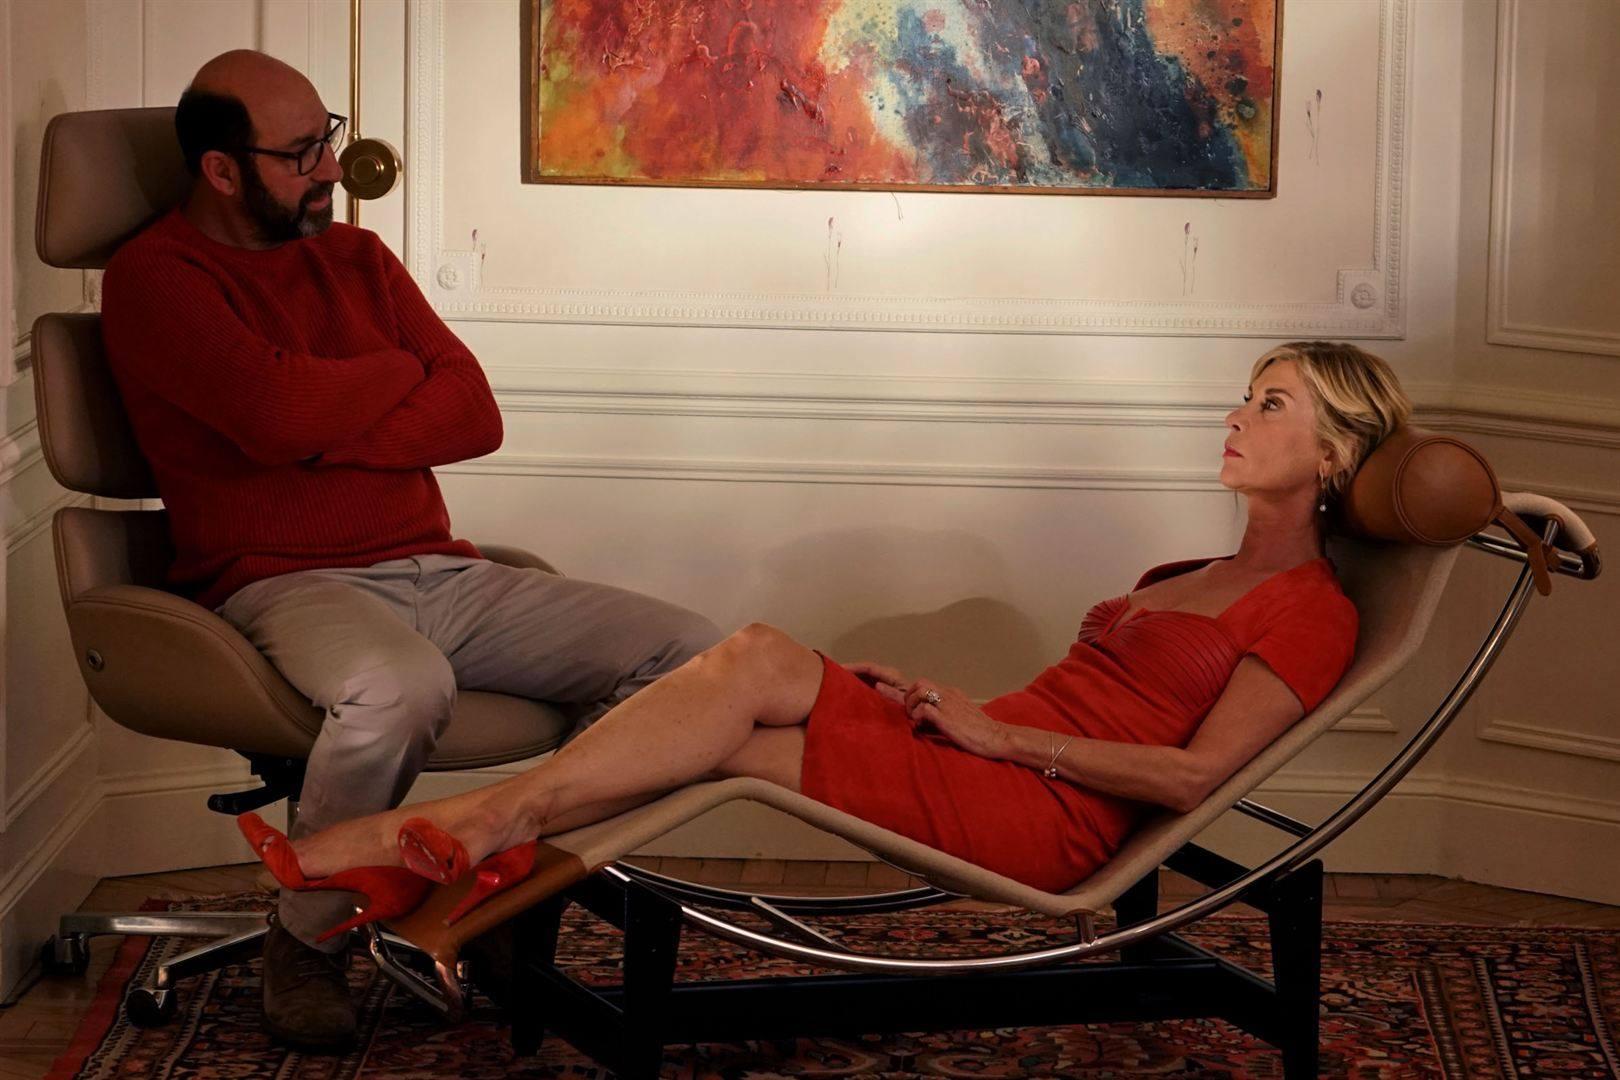 Sous le soleil de plomb d'un Noël en mini-jupe, Laroque & co redonnent sa  légèreté à Nice mais ce n'est guère brillant – Branchés Culture